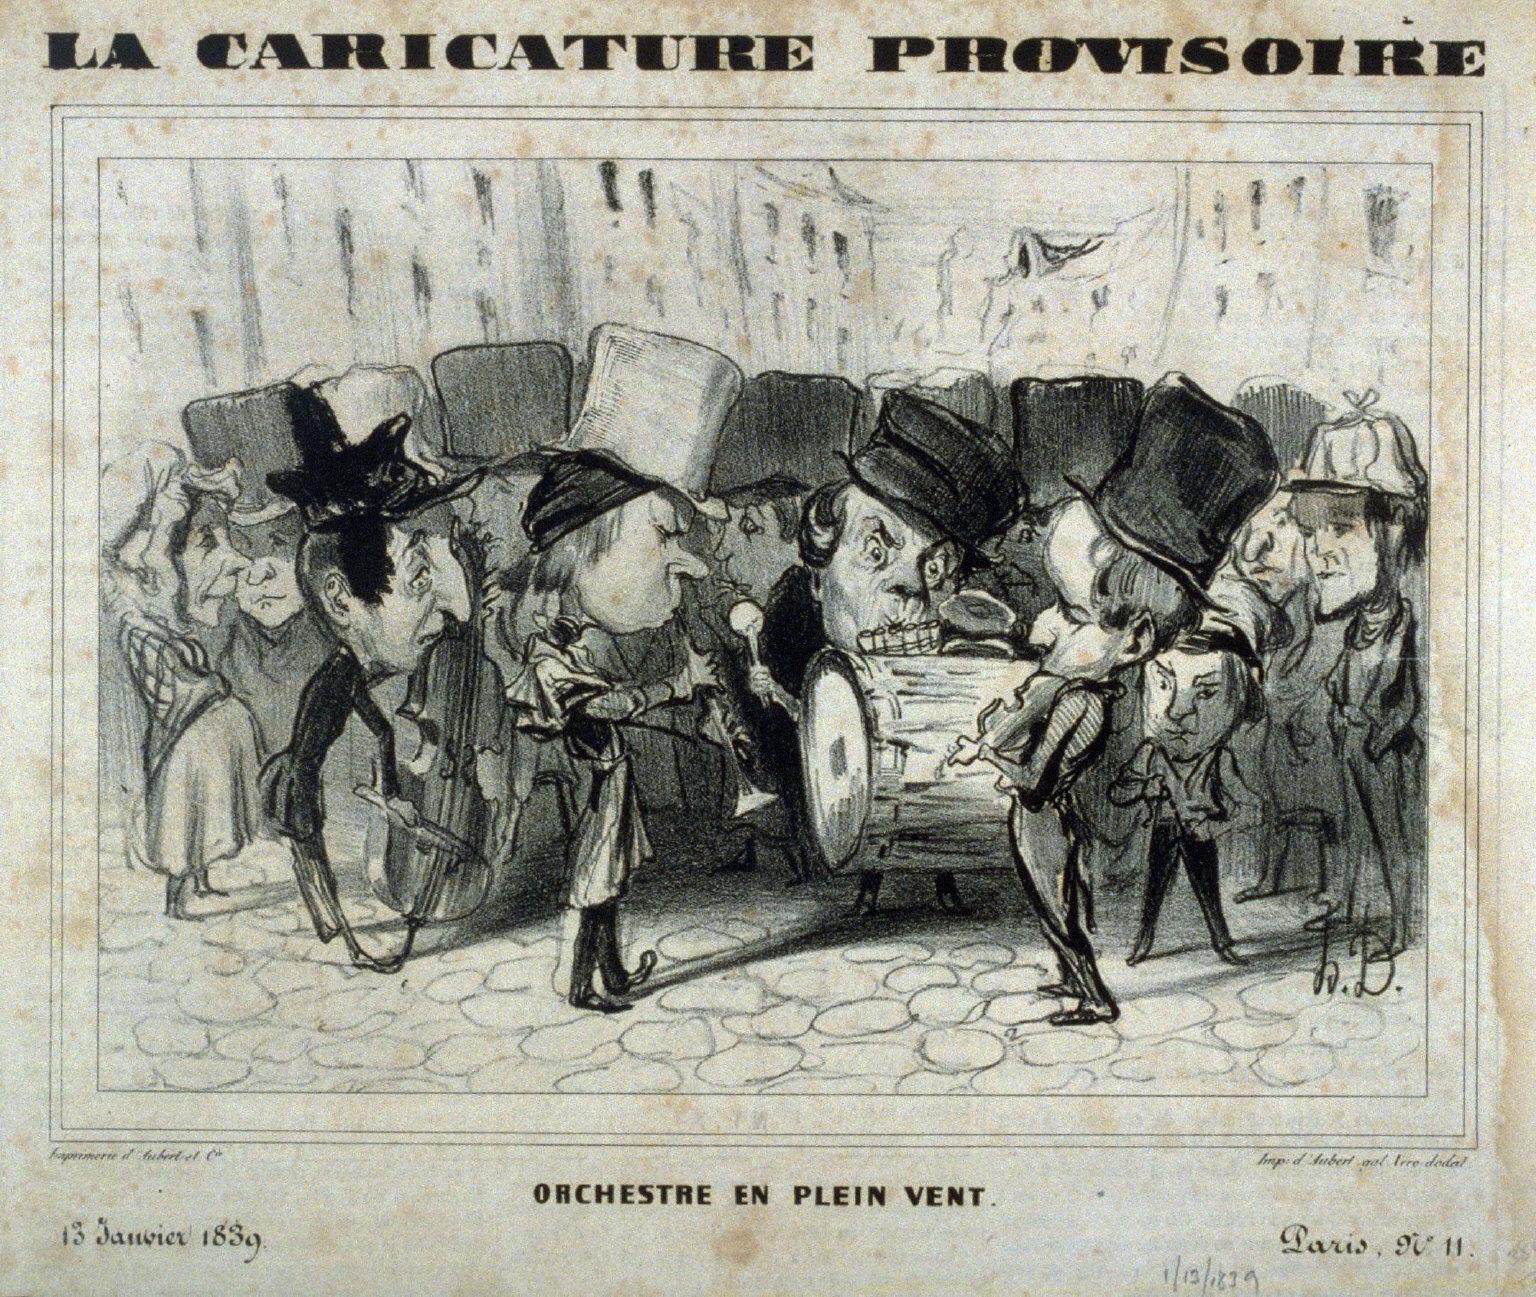 Orchestre en plein vent published in La Caricature 13 January 1839